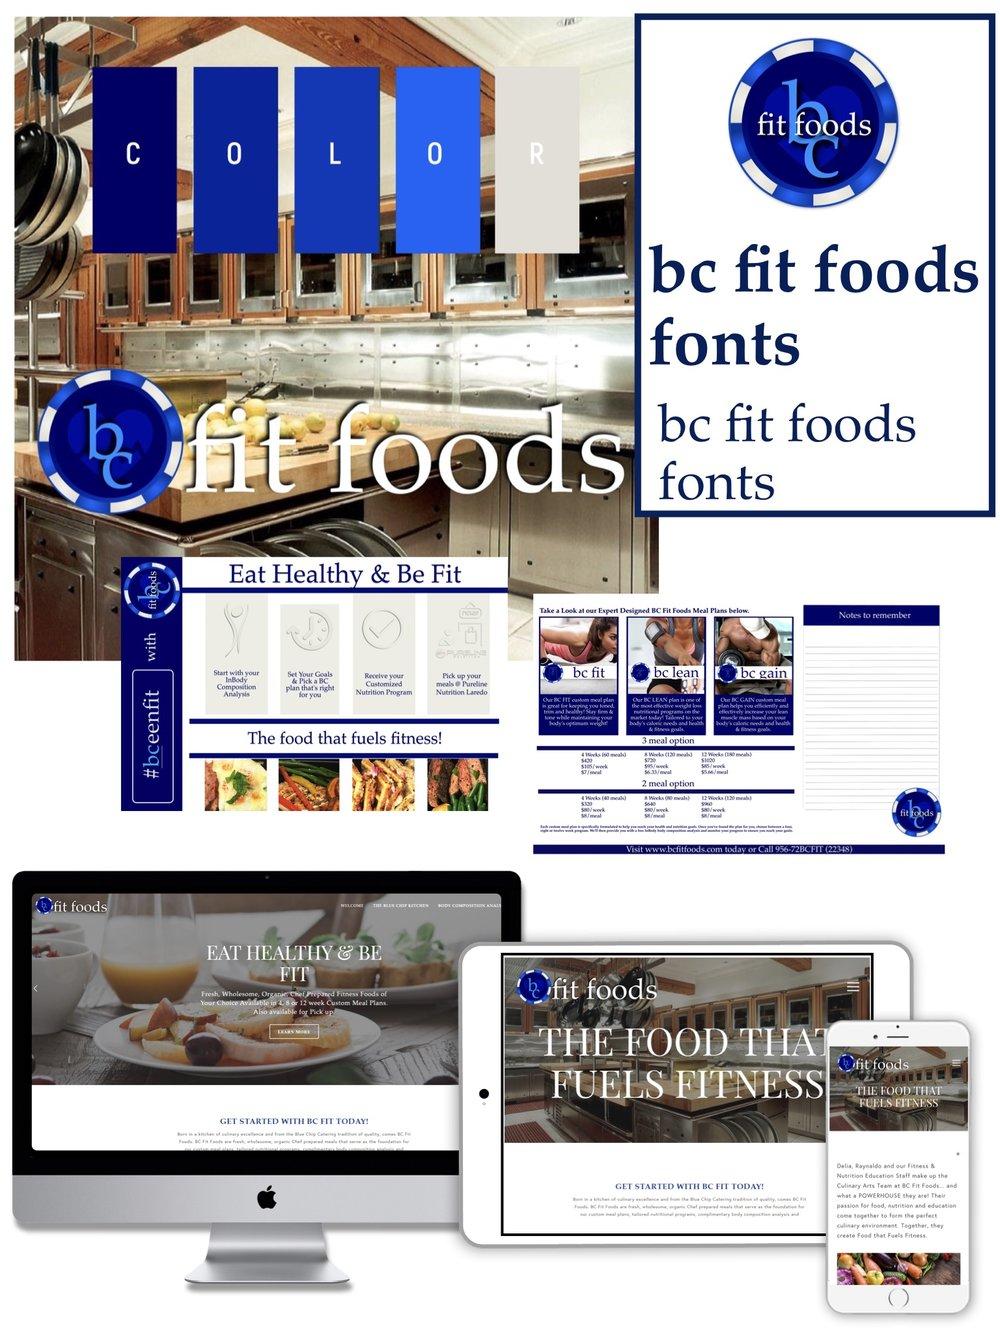 BCFitFoods_Website-Branding.JPG